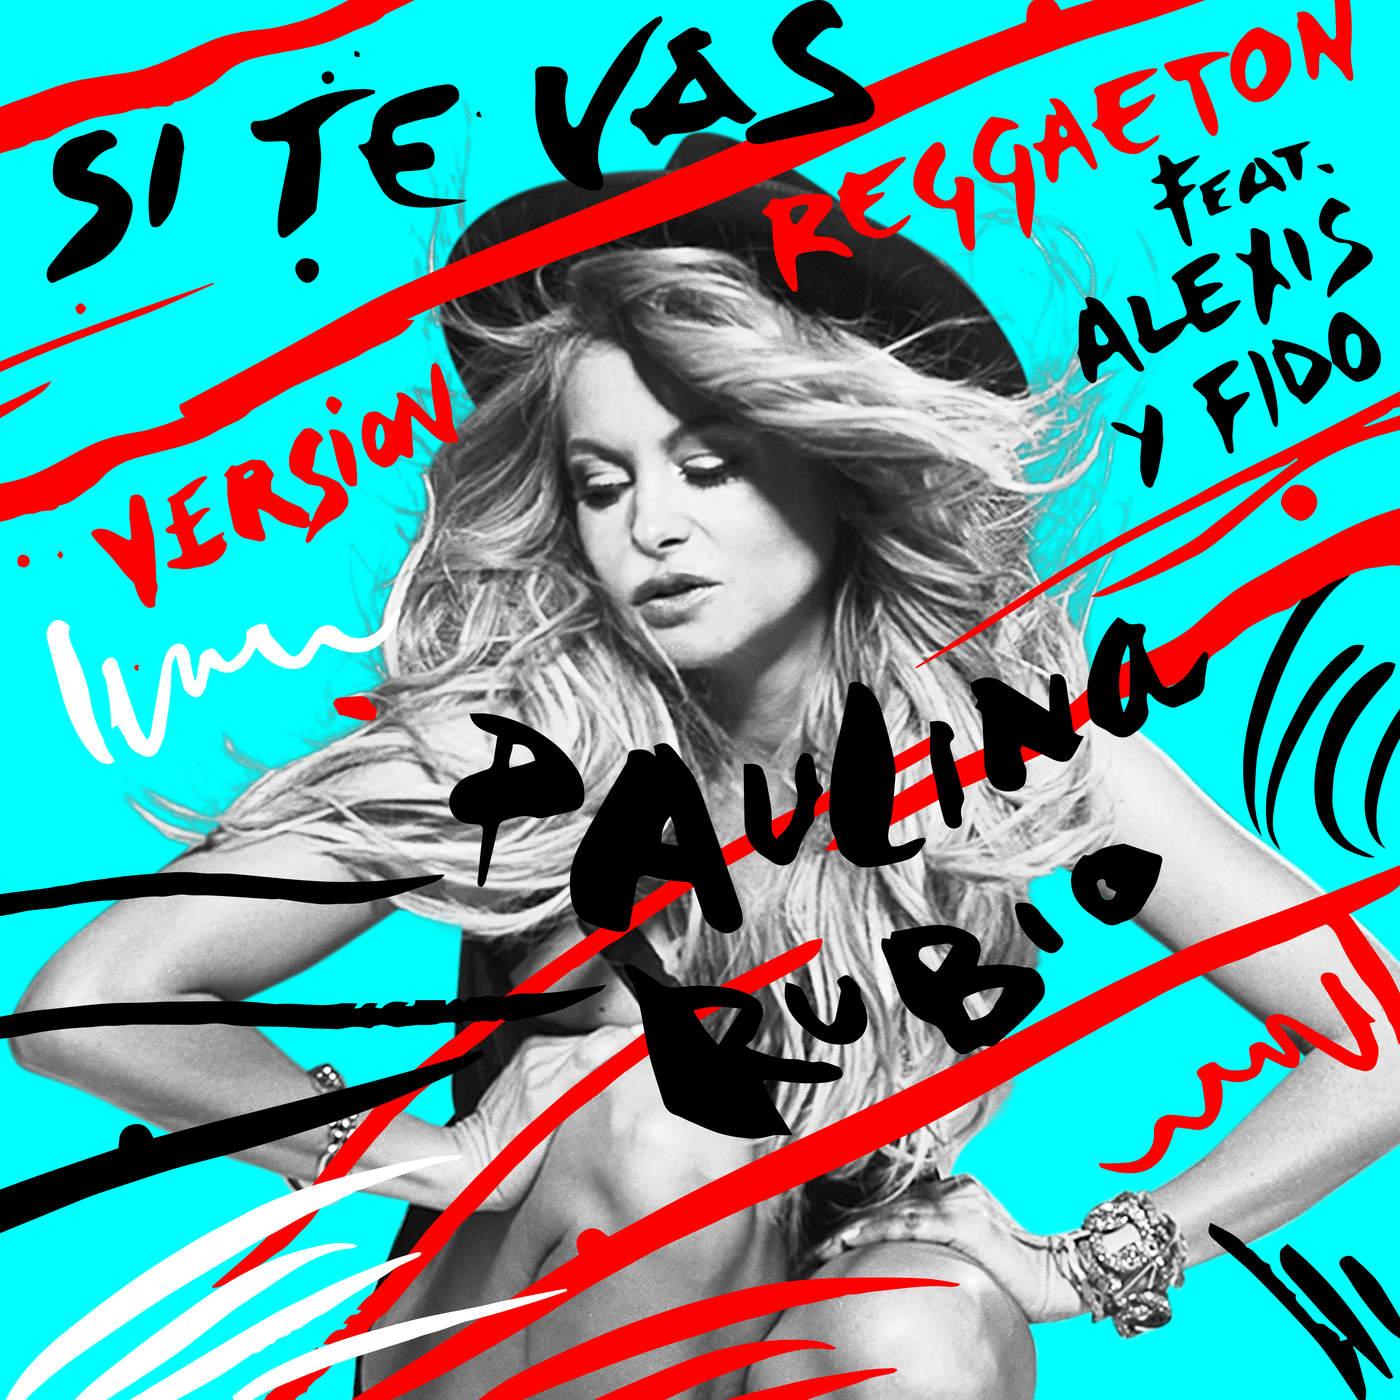 Si te vas (Version reggaetón)